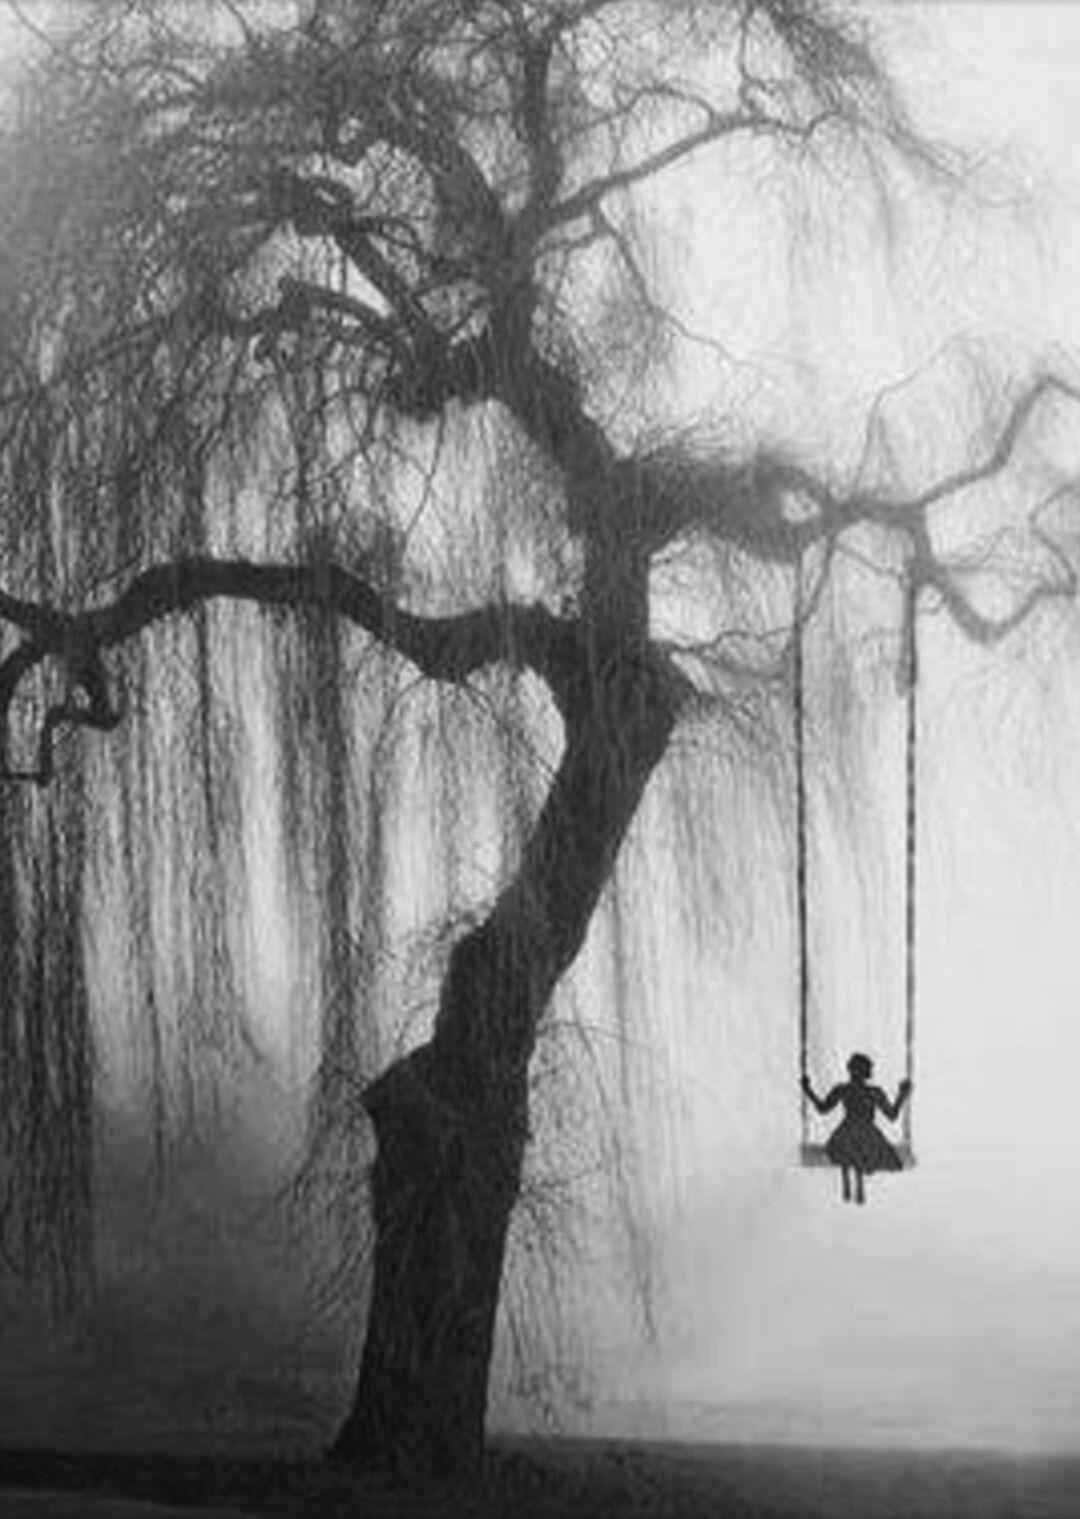 #Art dunkel #dunkel #Traurigezeichnungen – #Art dunkel #dunkel